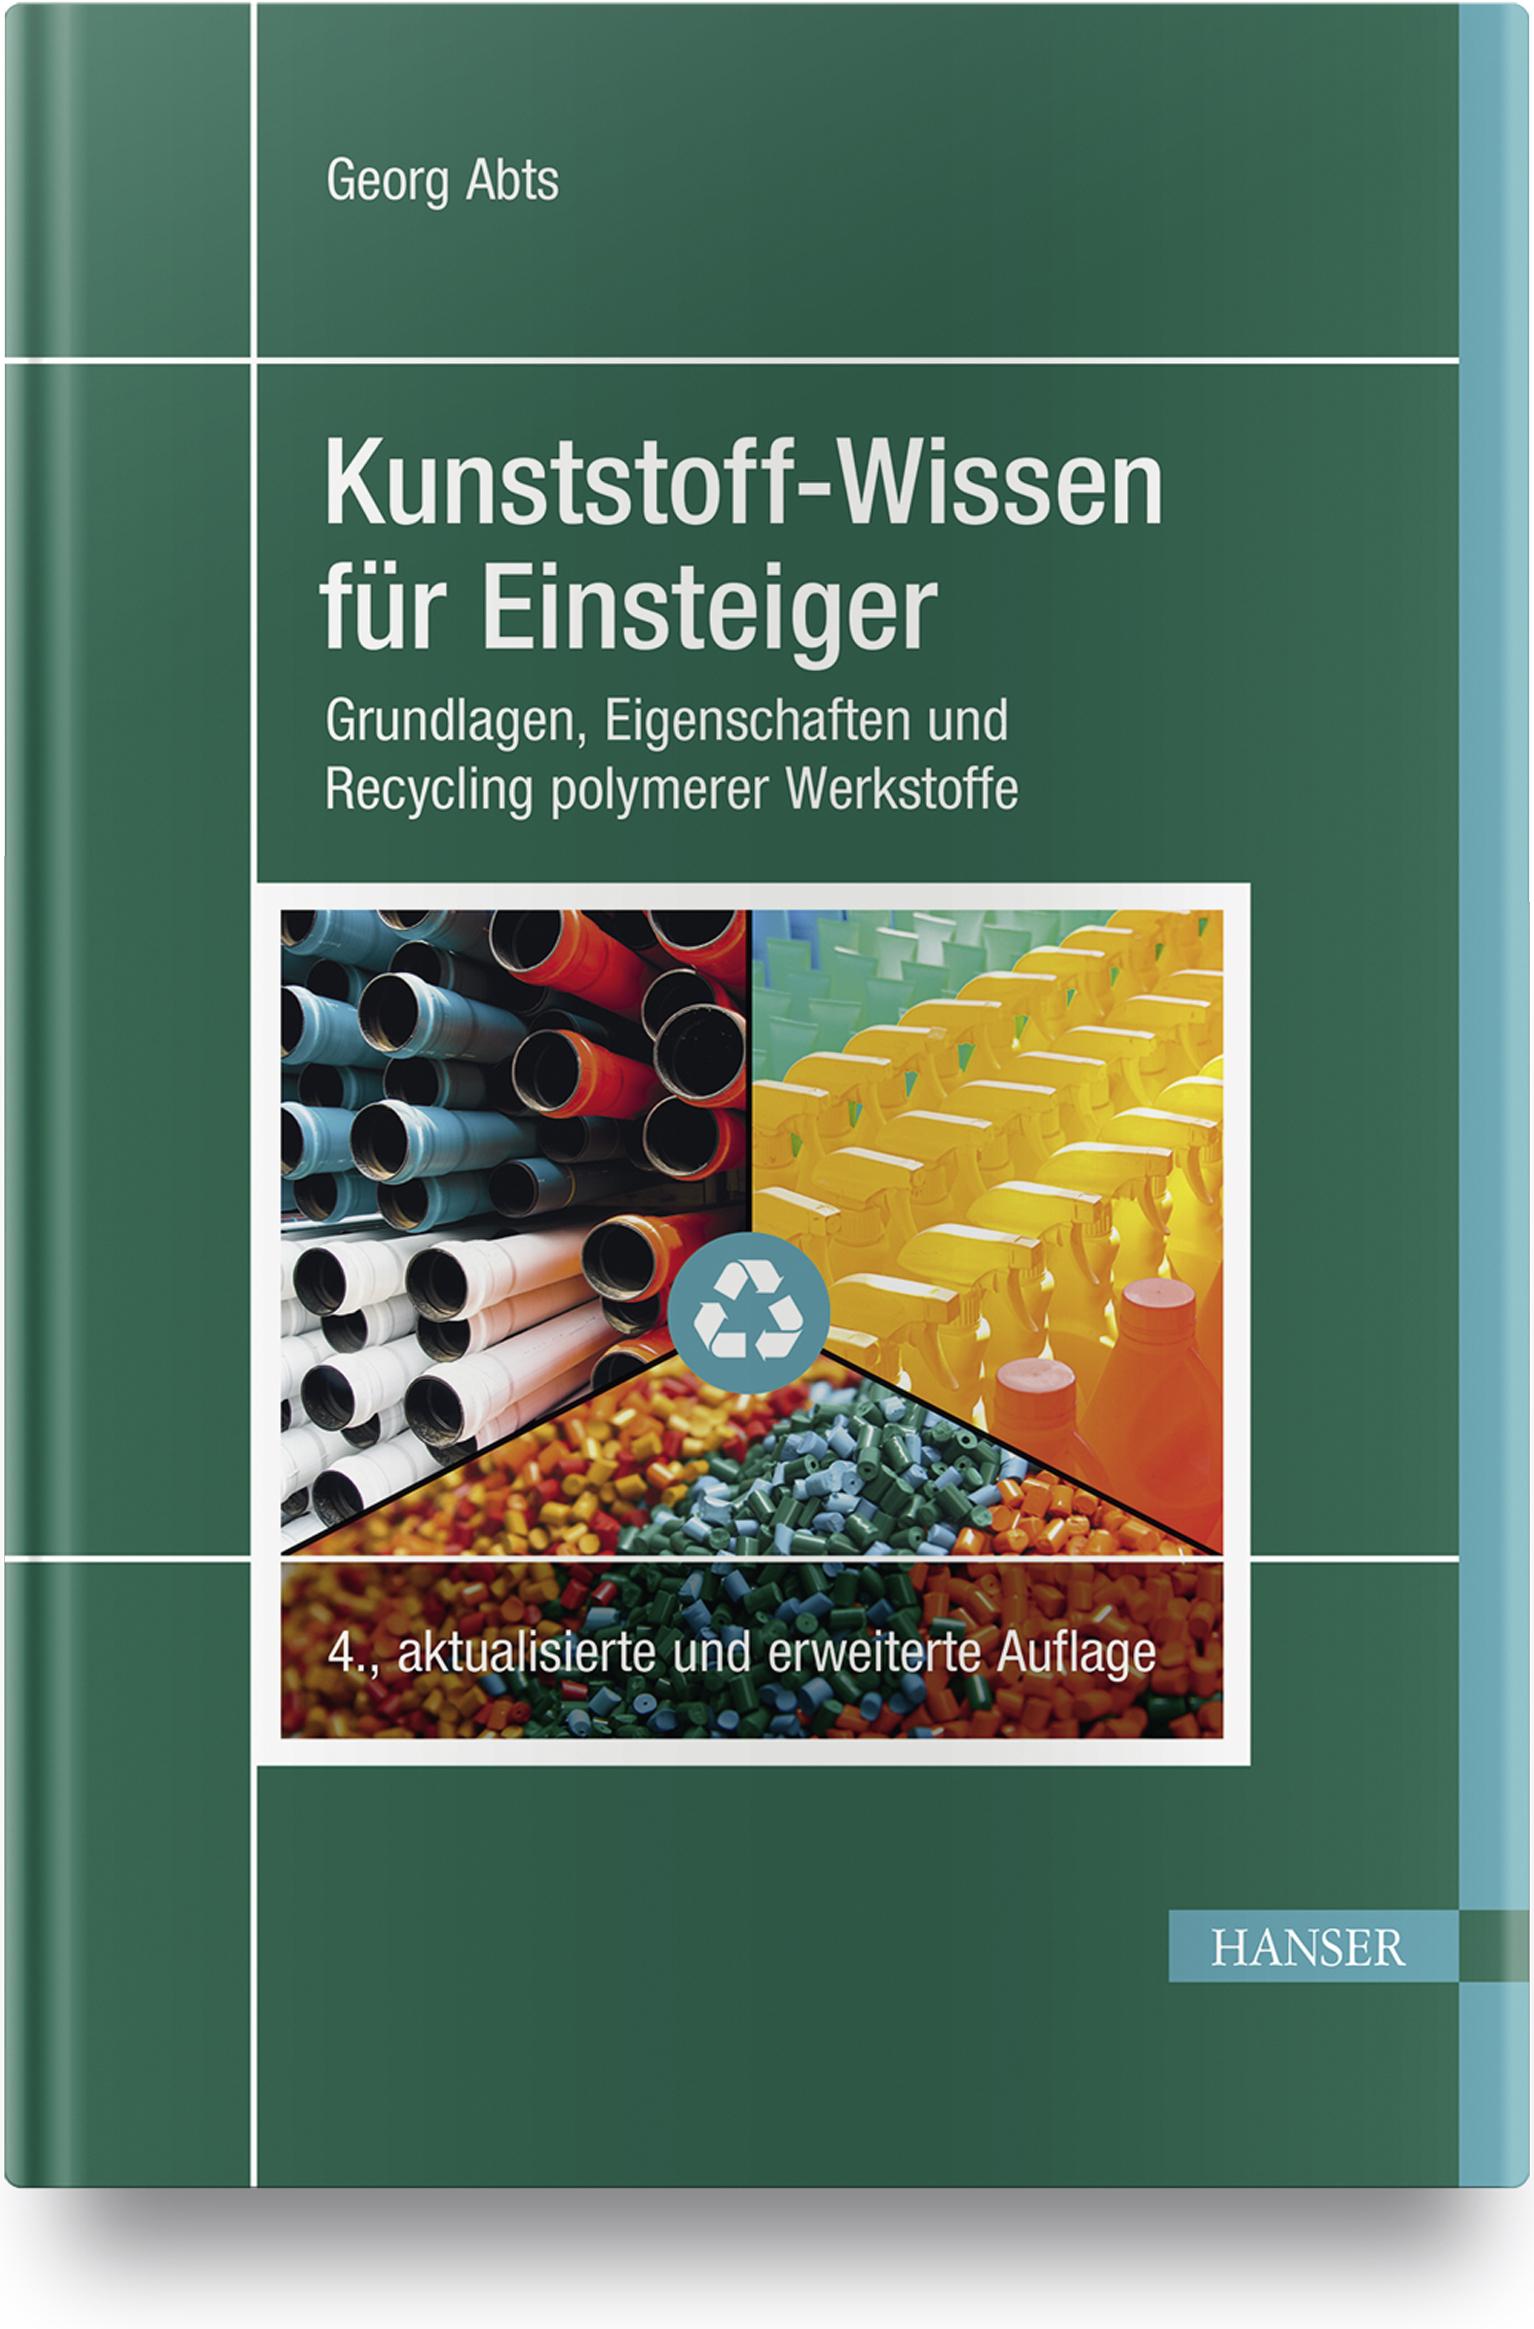 Abts, Kunststoff-Wissen für Einsteiger, 978-3-446-46291-5